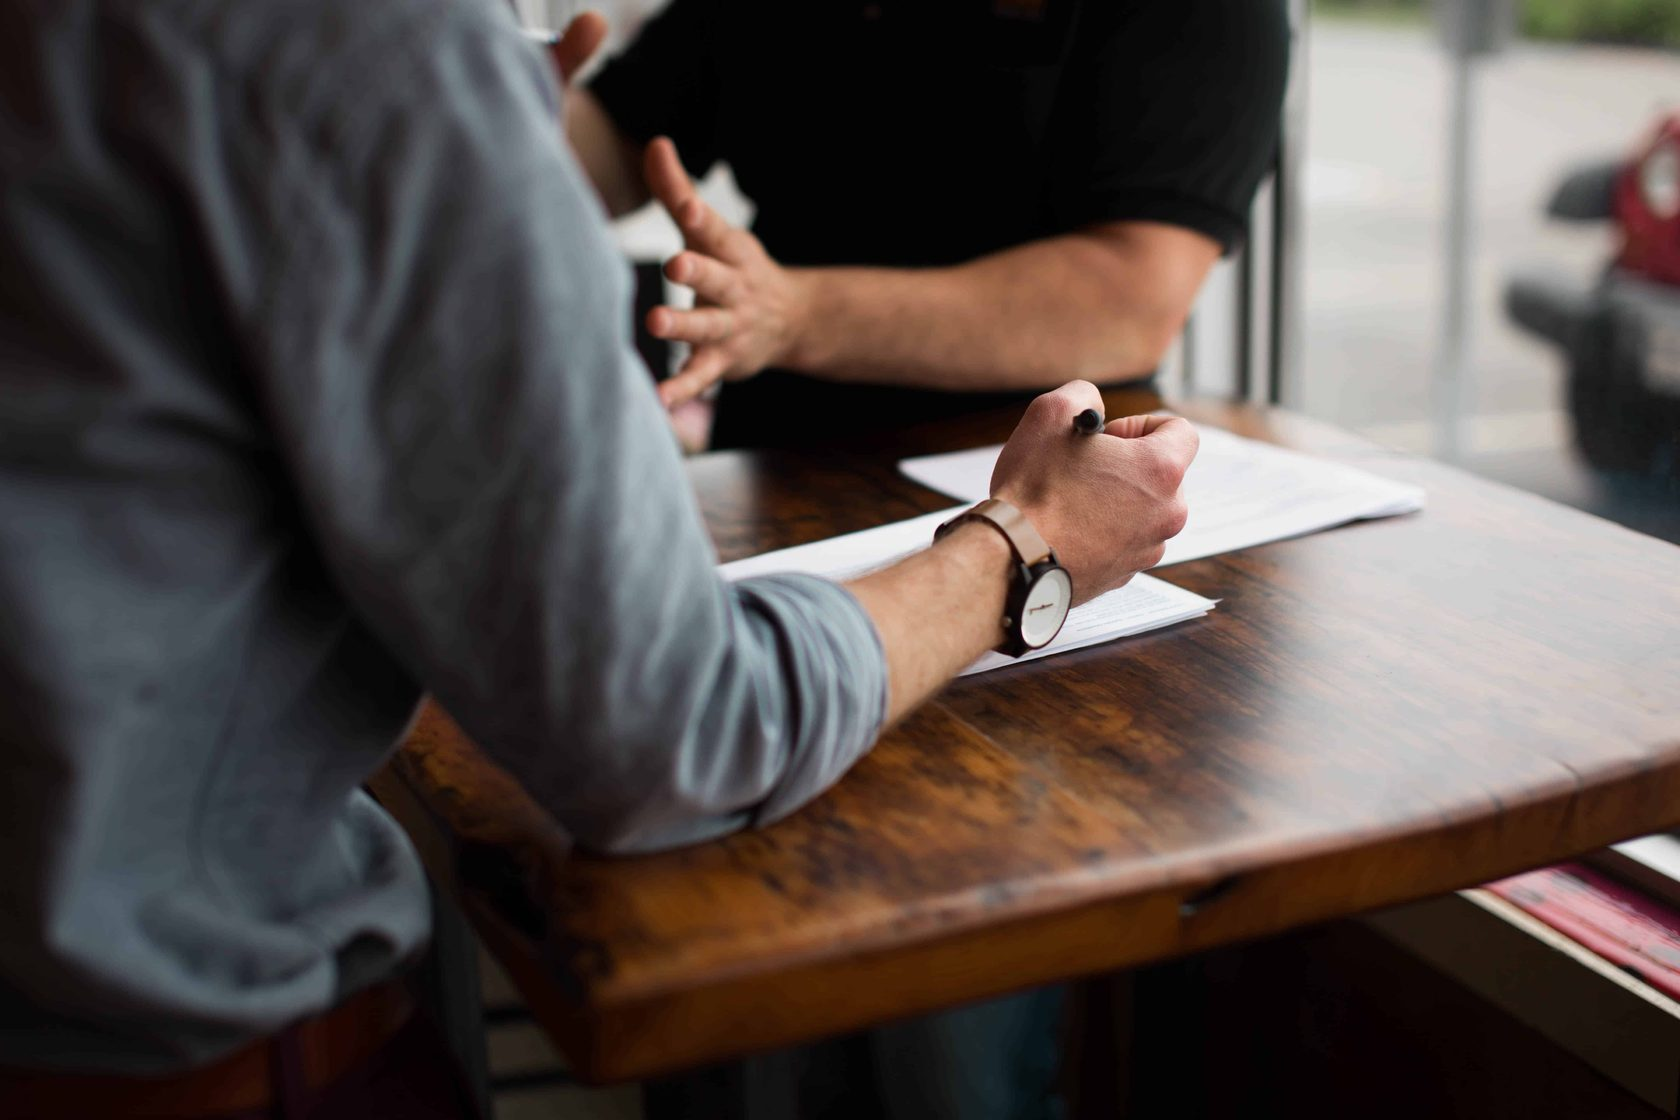 Разрешаем трудовые споры с помощью адвоката